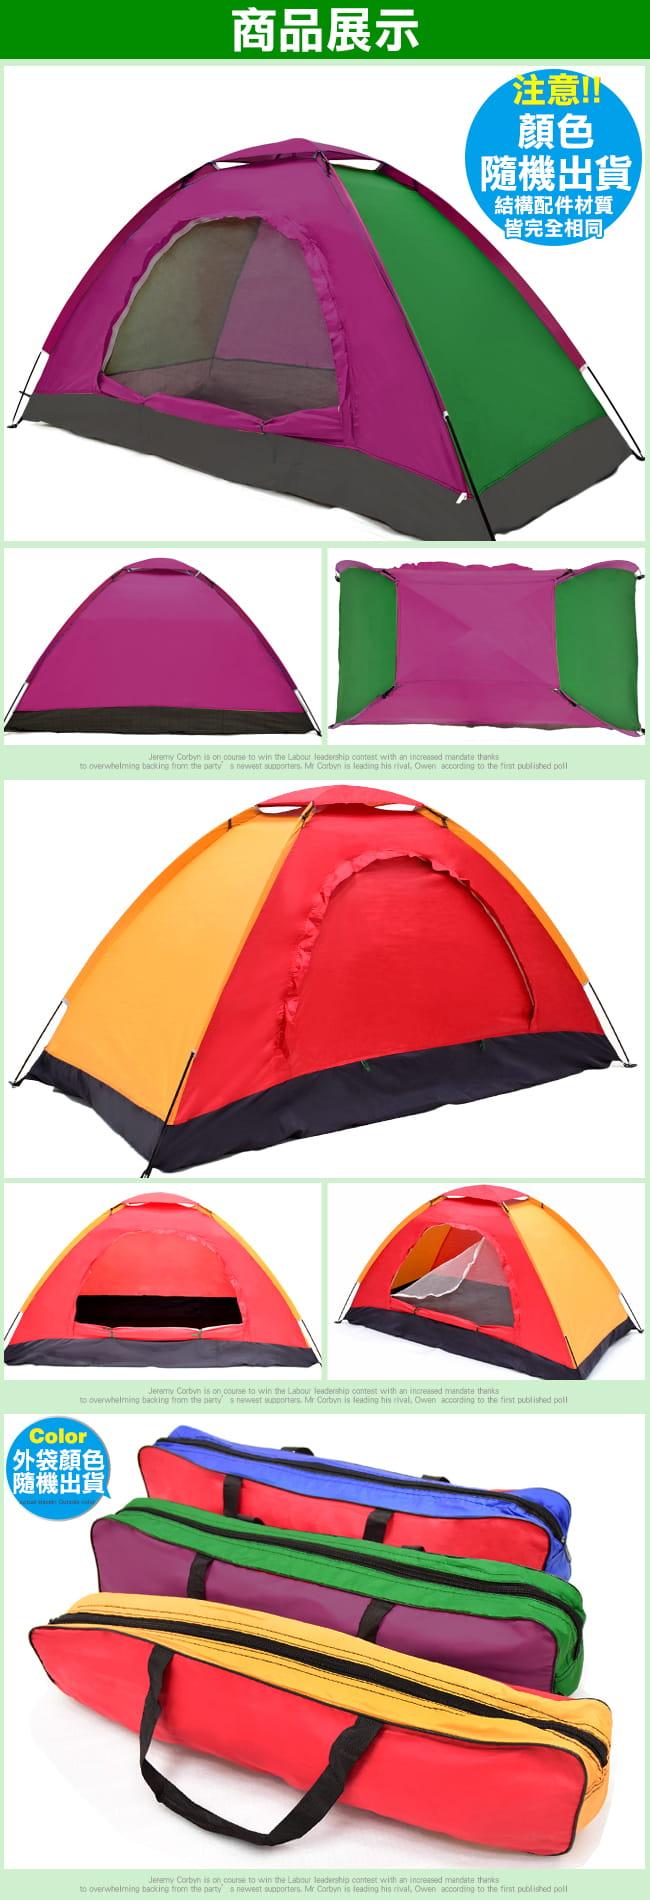 單人帳篷    1人單層帳篷 7